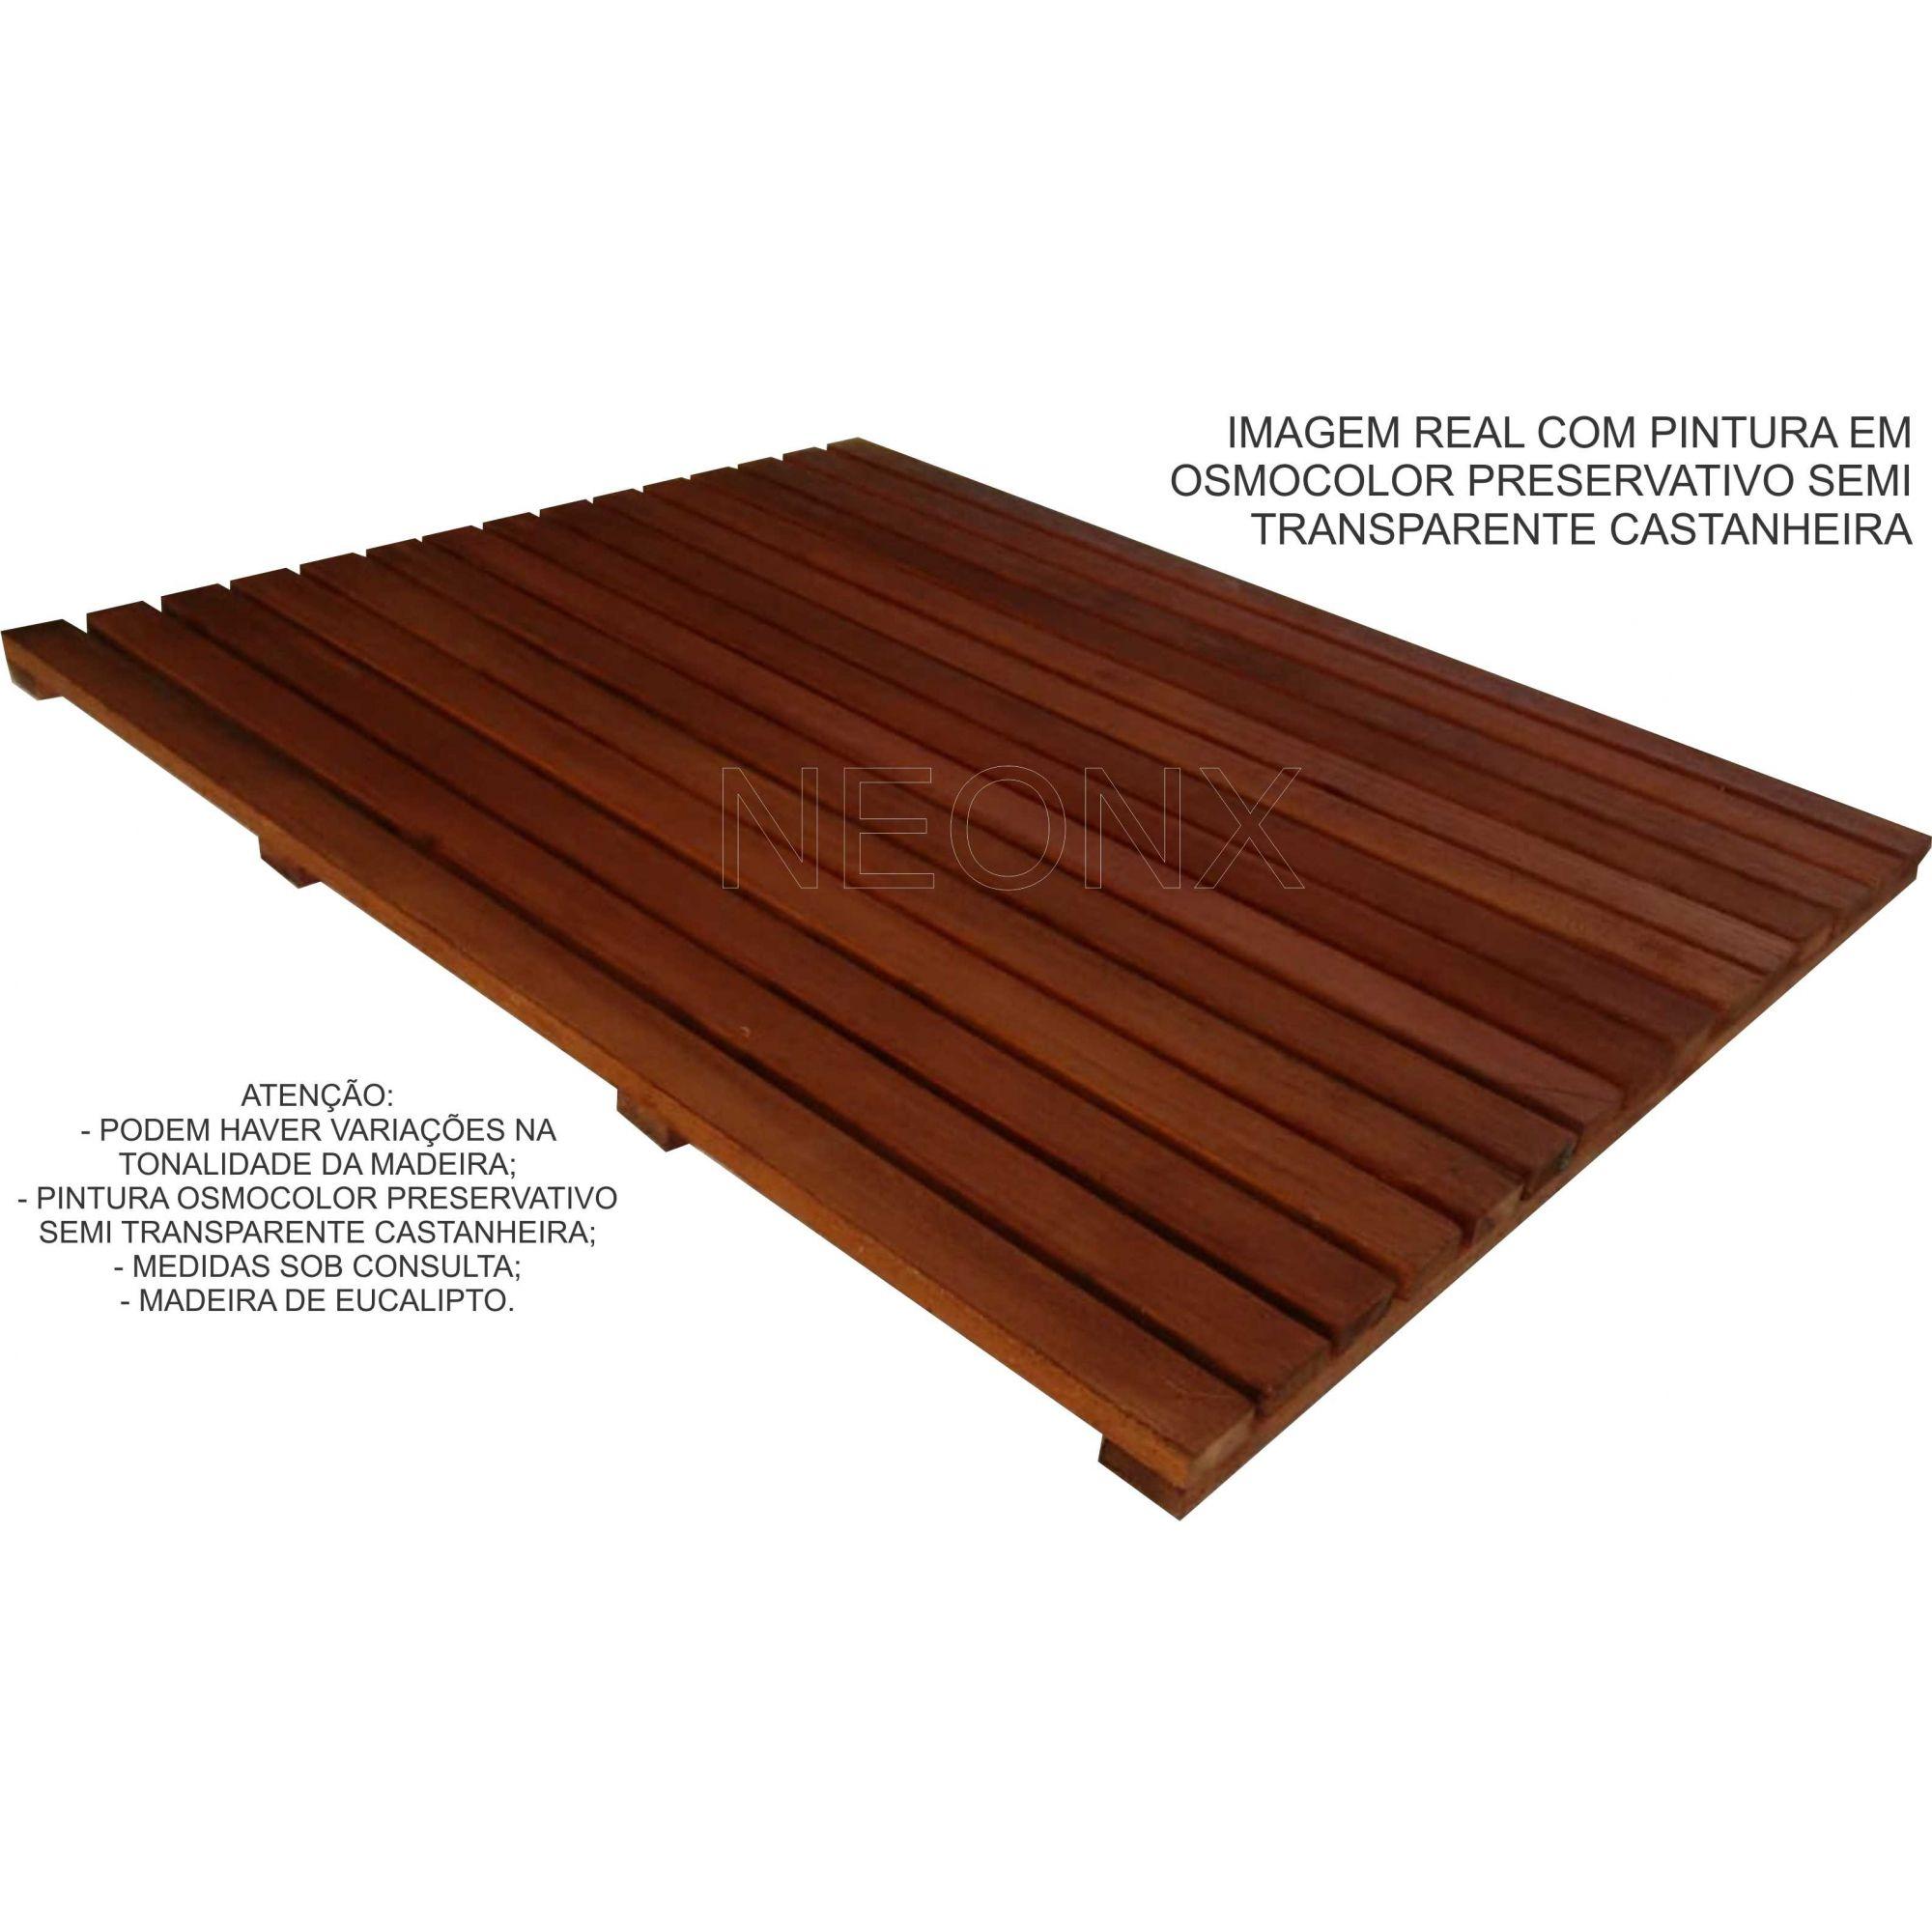 Deck De Madeira Chuveiro Box Banheiro Capacho 100x70 cm Verniz